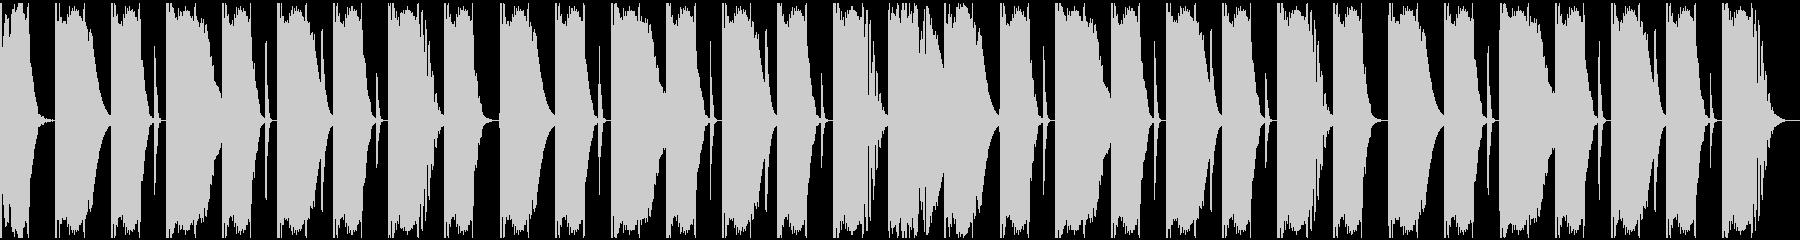 【エレクトロニカ】ロング2、ジングル2の未再生の波形